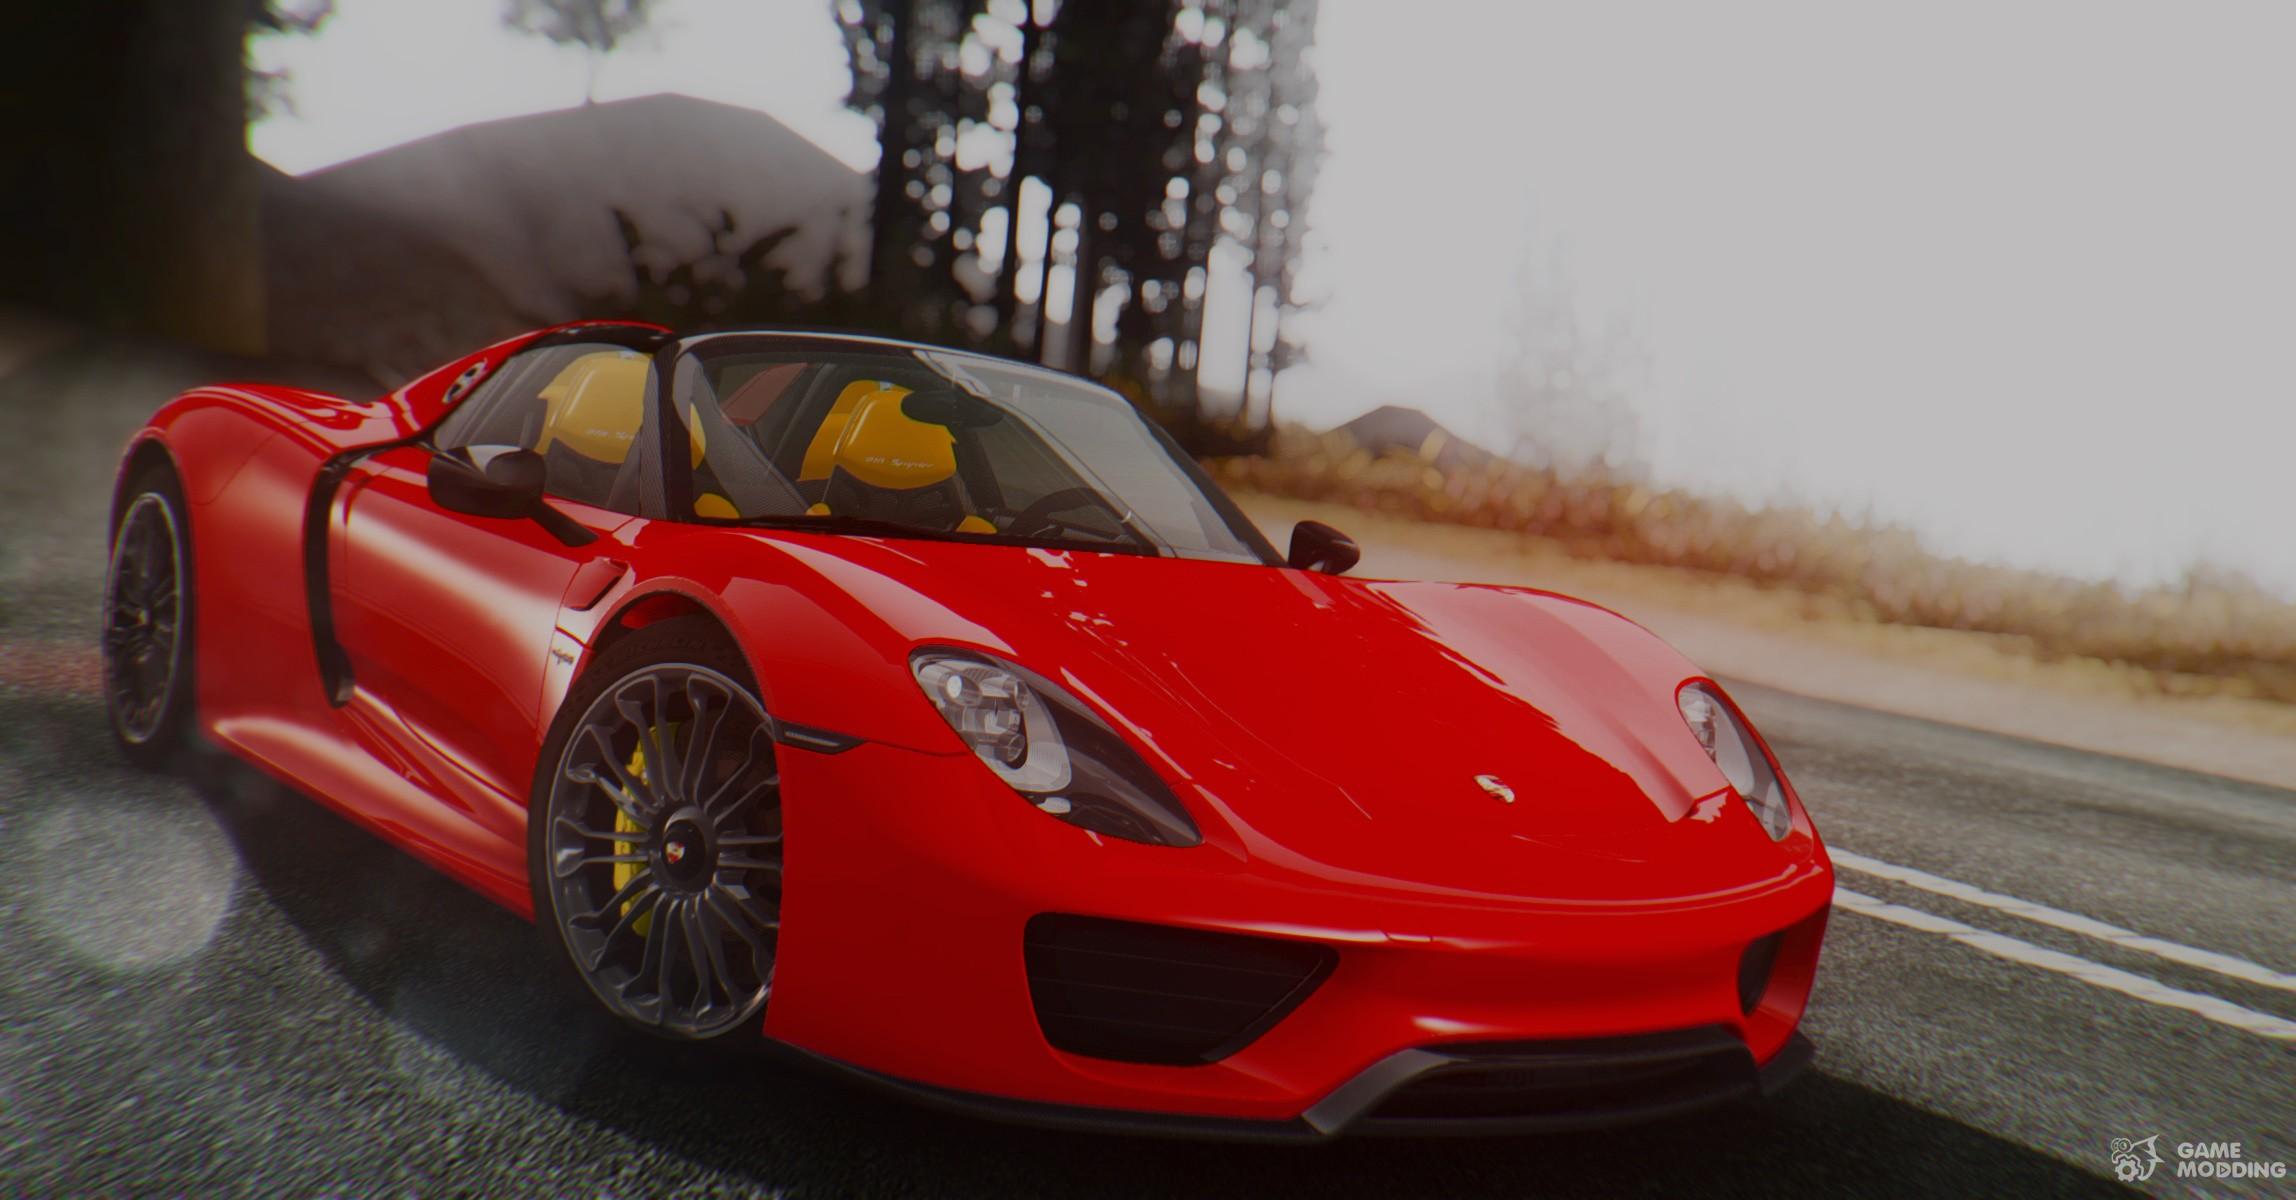 2368c319d40f7c8fe67d59e5e2f0054778e2ecb5939123d13d61d0ad4efa41e6 Fabulous Porsche 918 Spyder Nfs Mw Mod Cars Trend